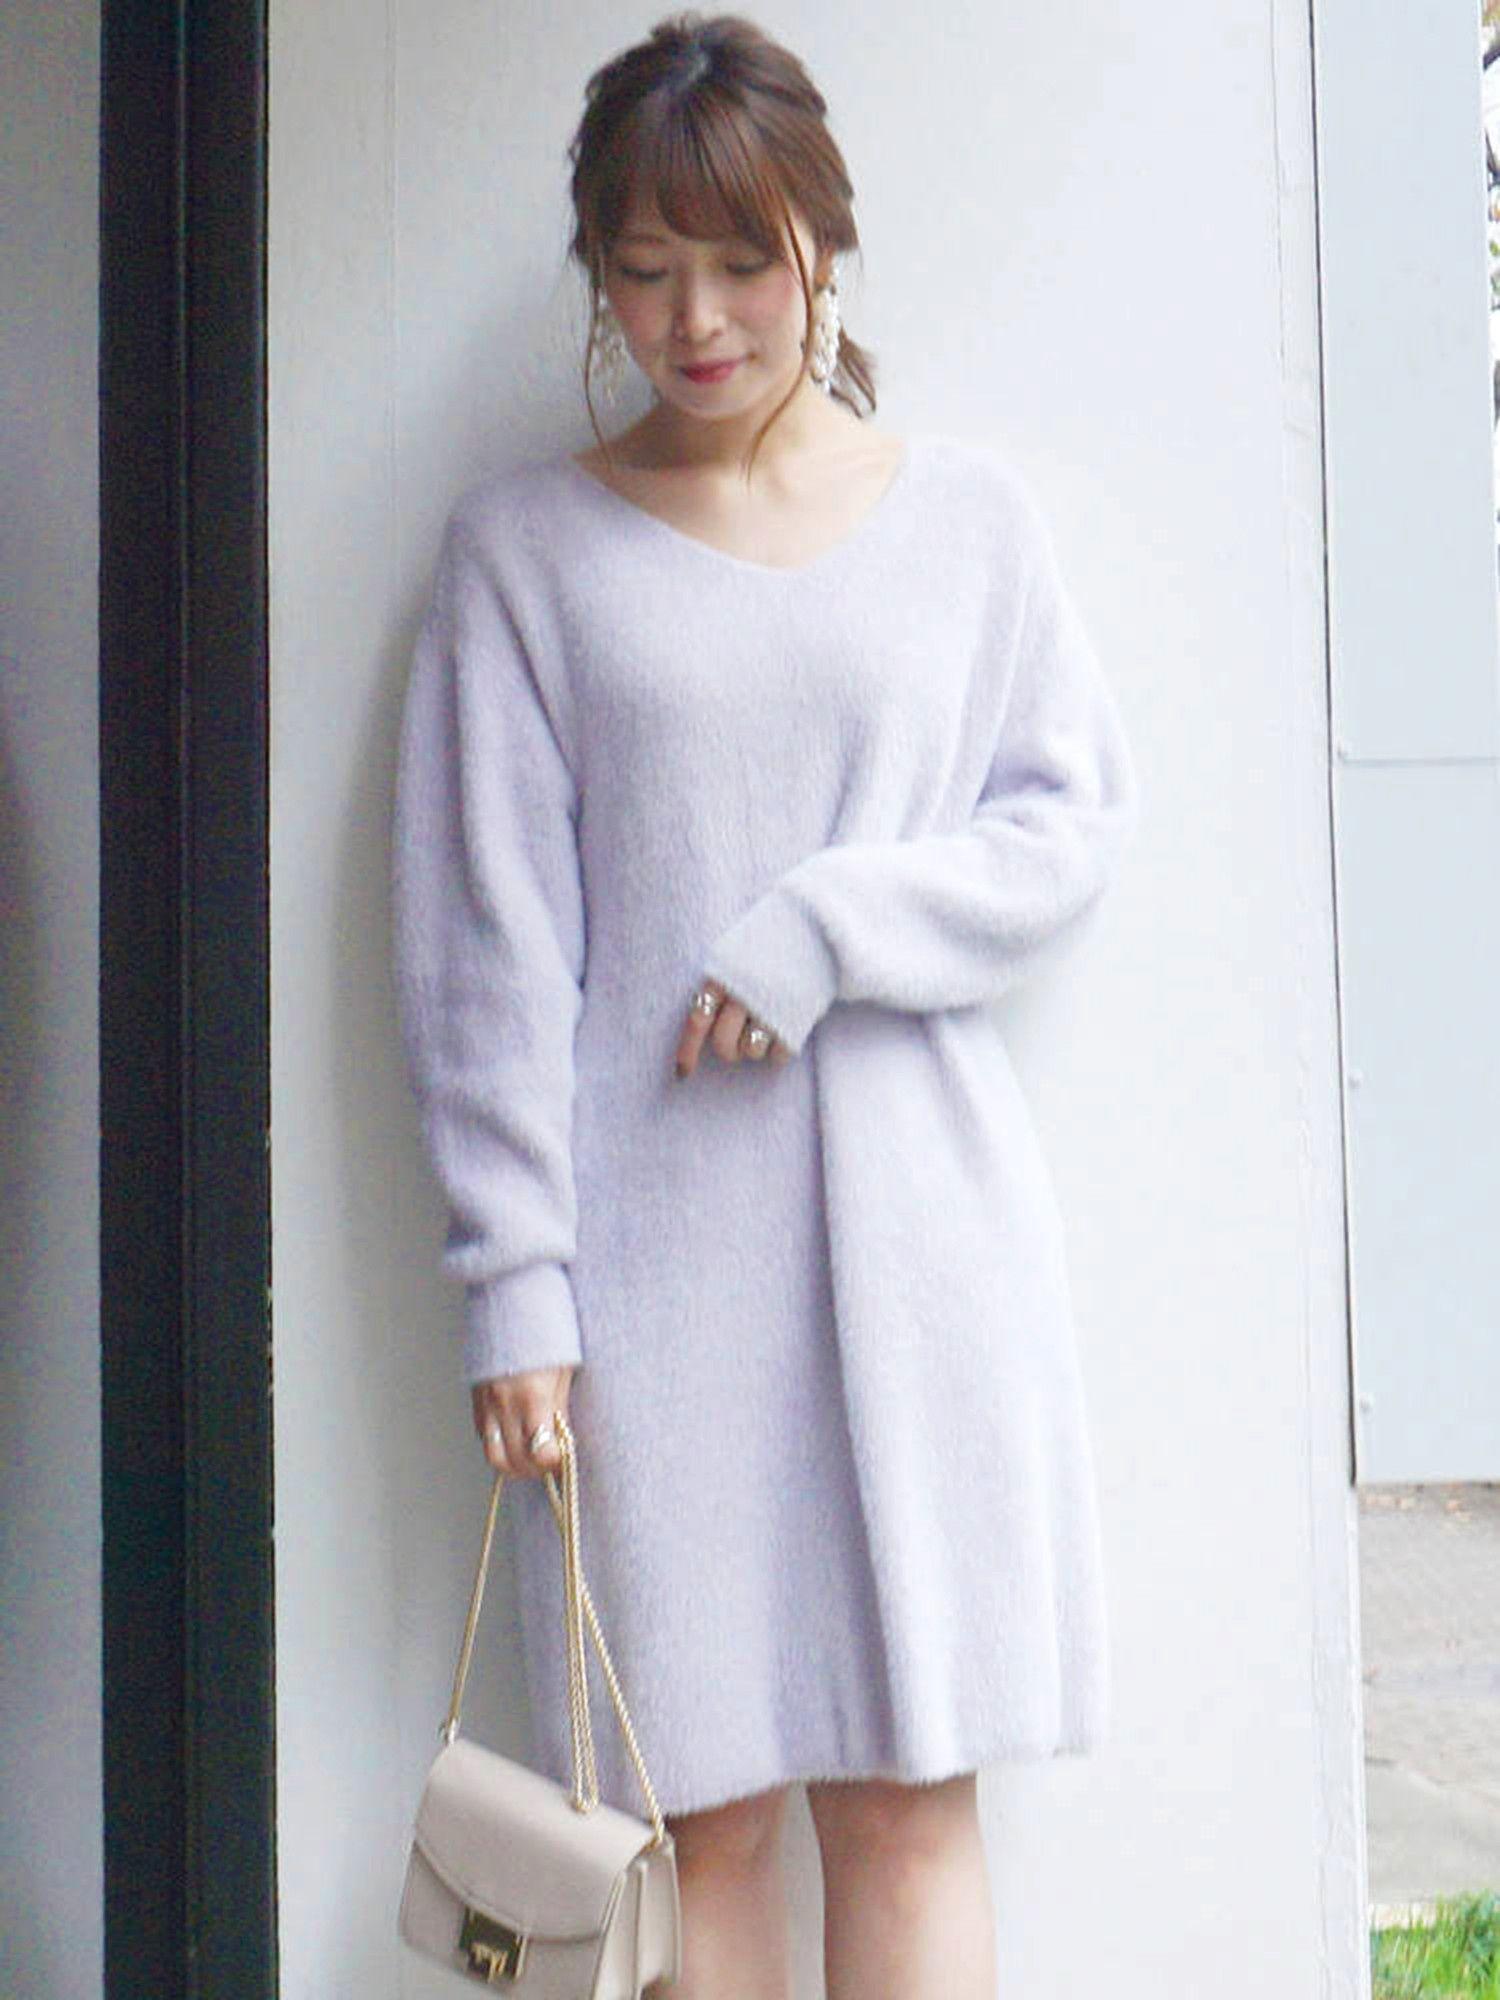 毛茸茸的小V领针织连衣裙